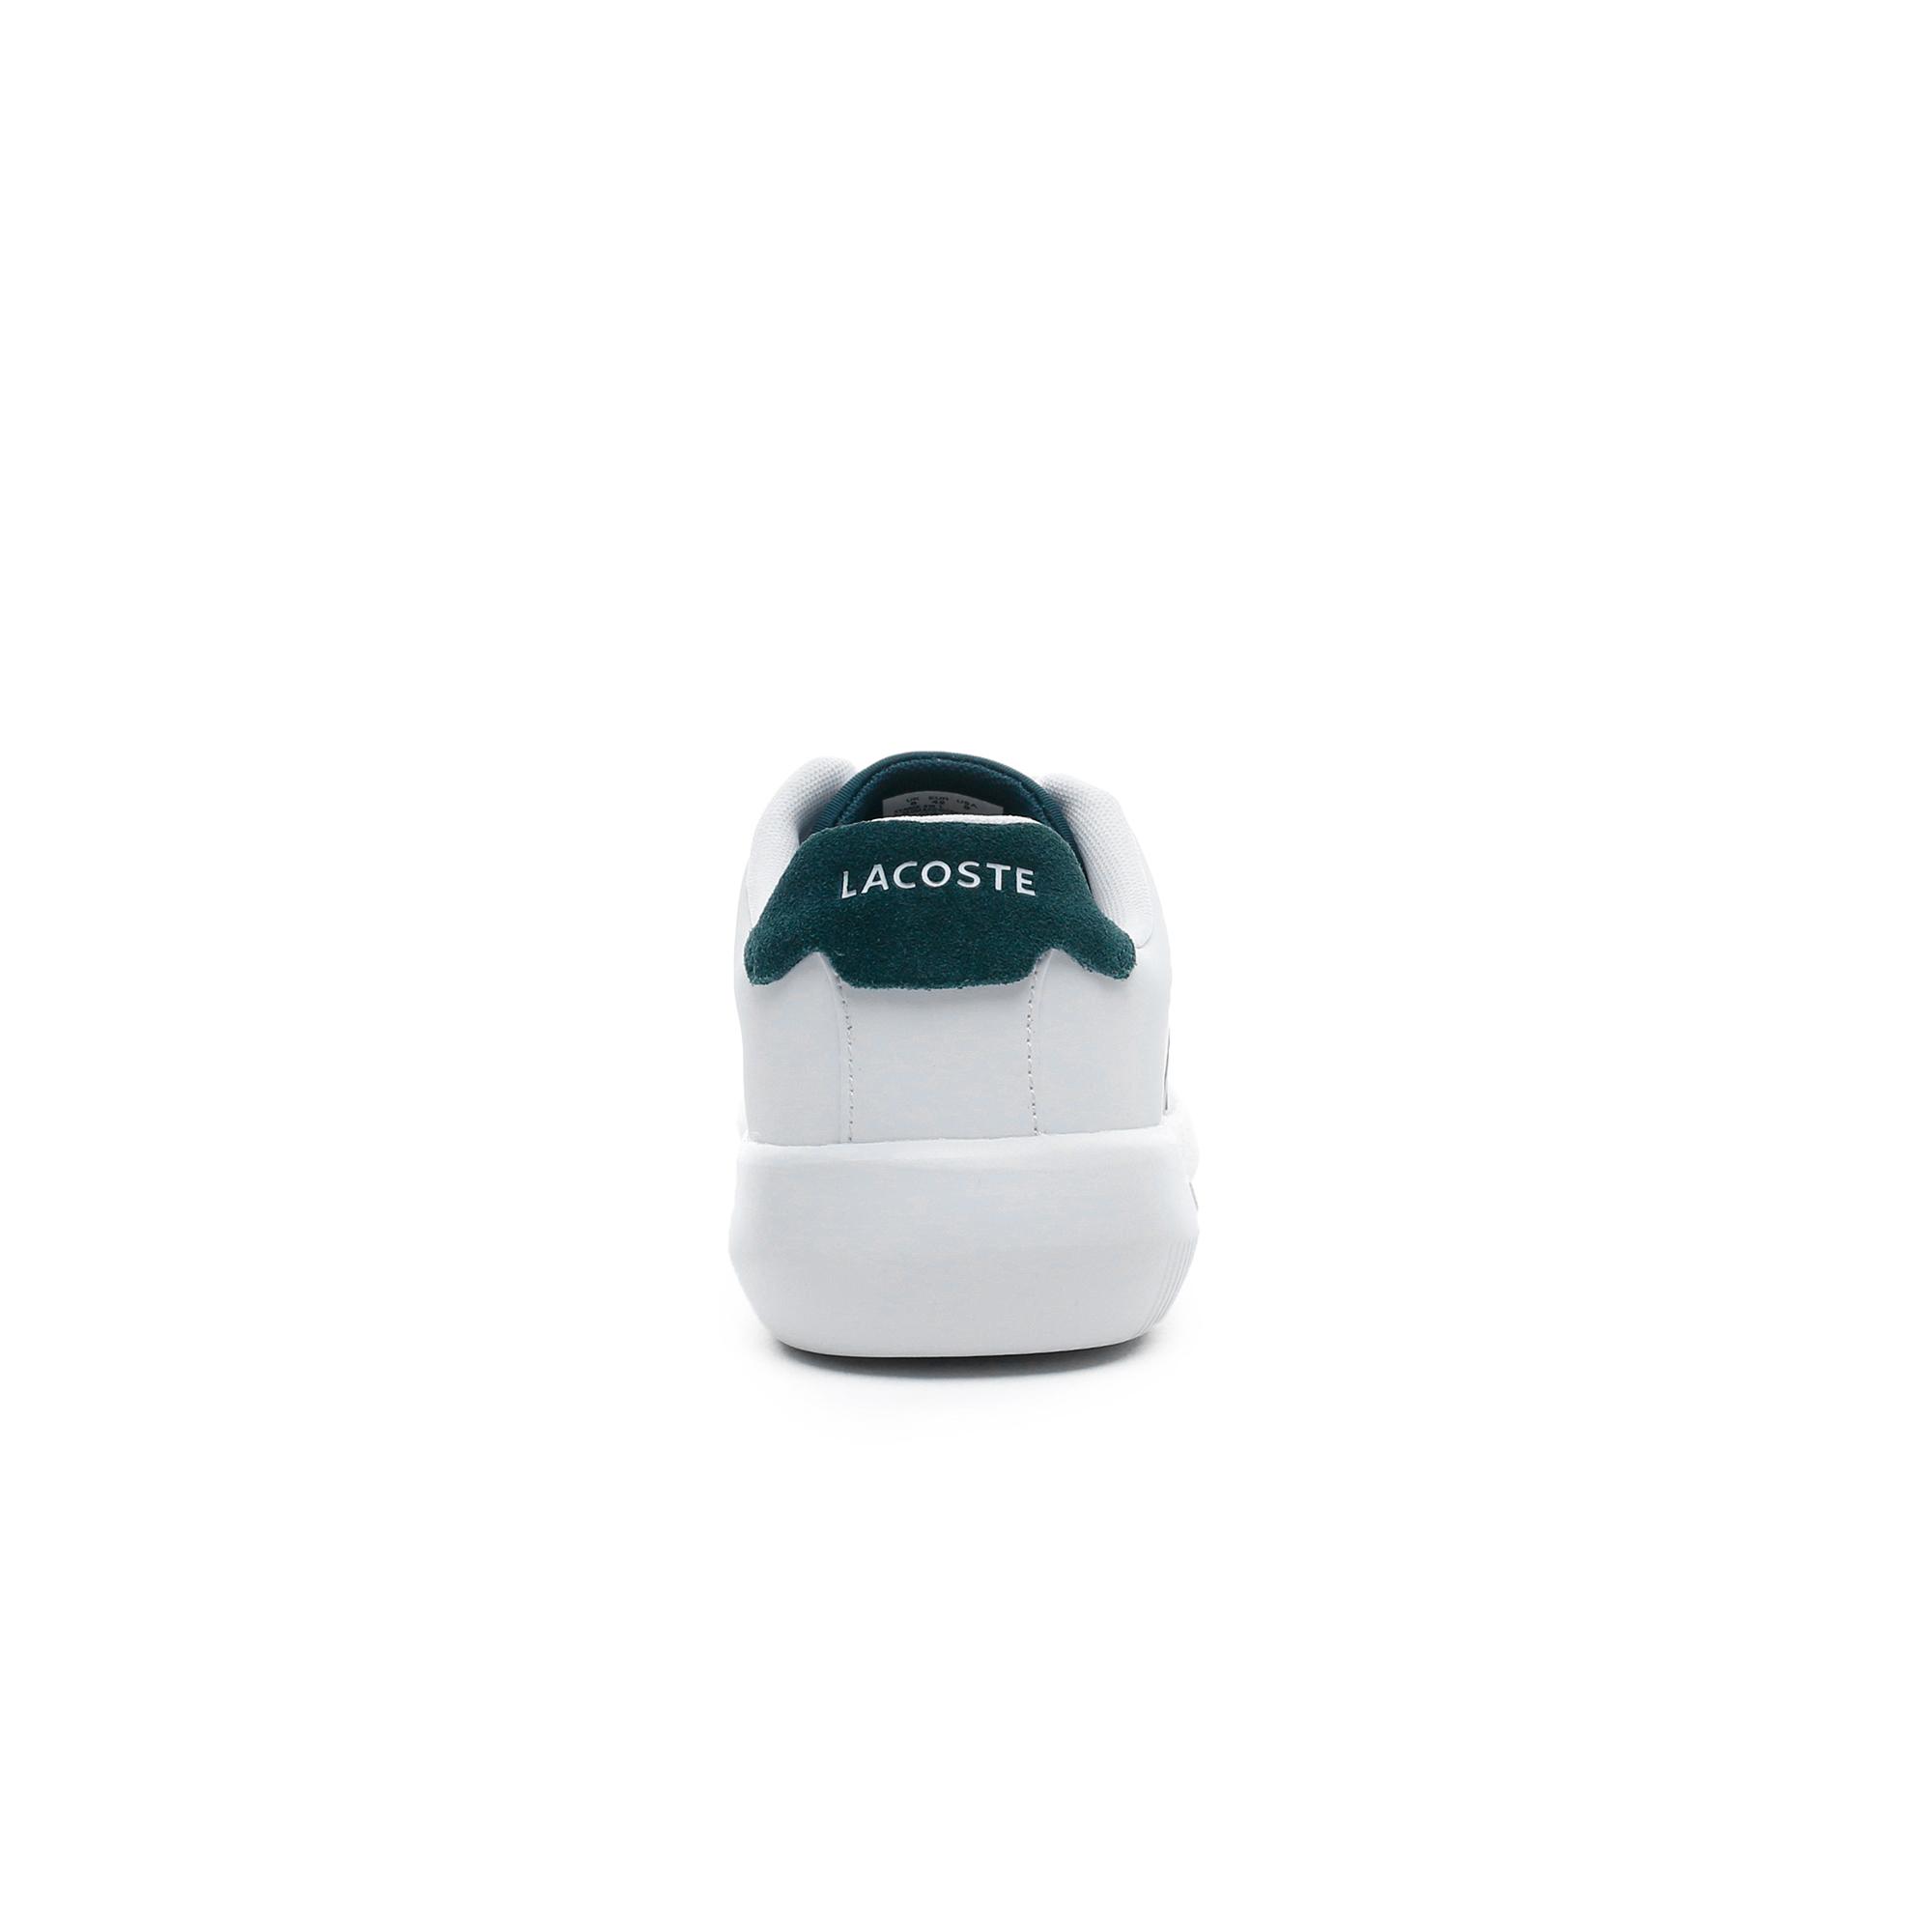 Lacoste Avance Erkek Beyaz - Yeşil Spor Ayakkabı